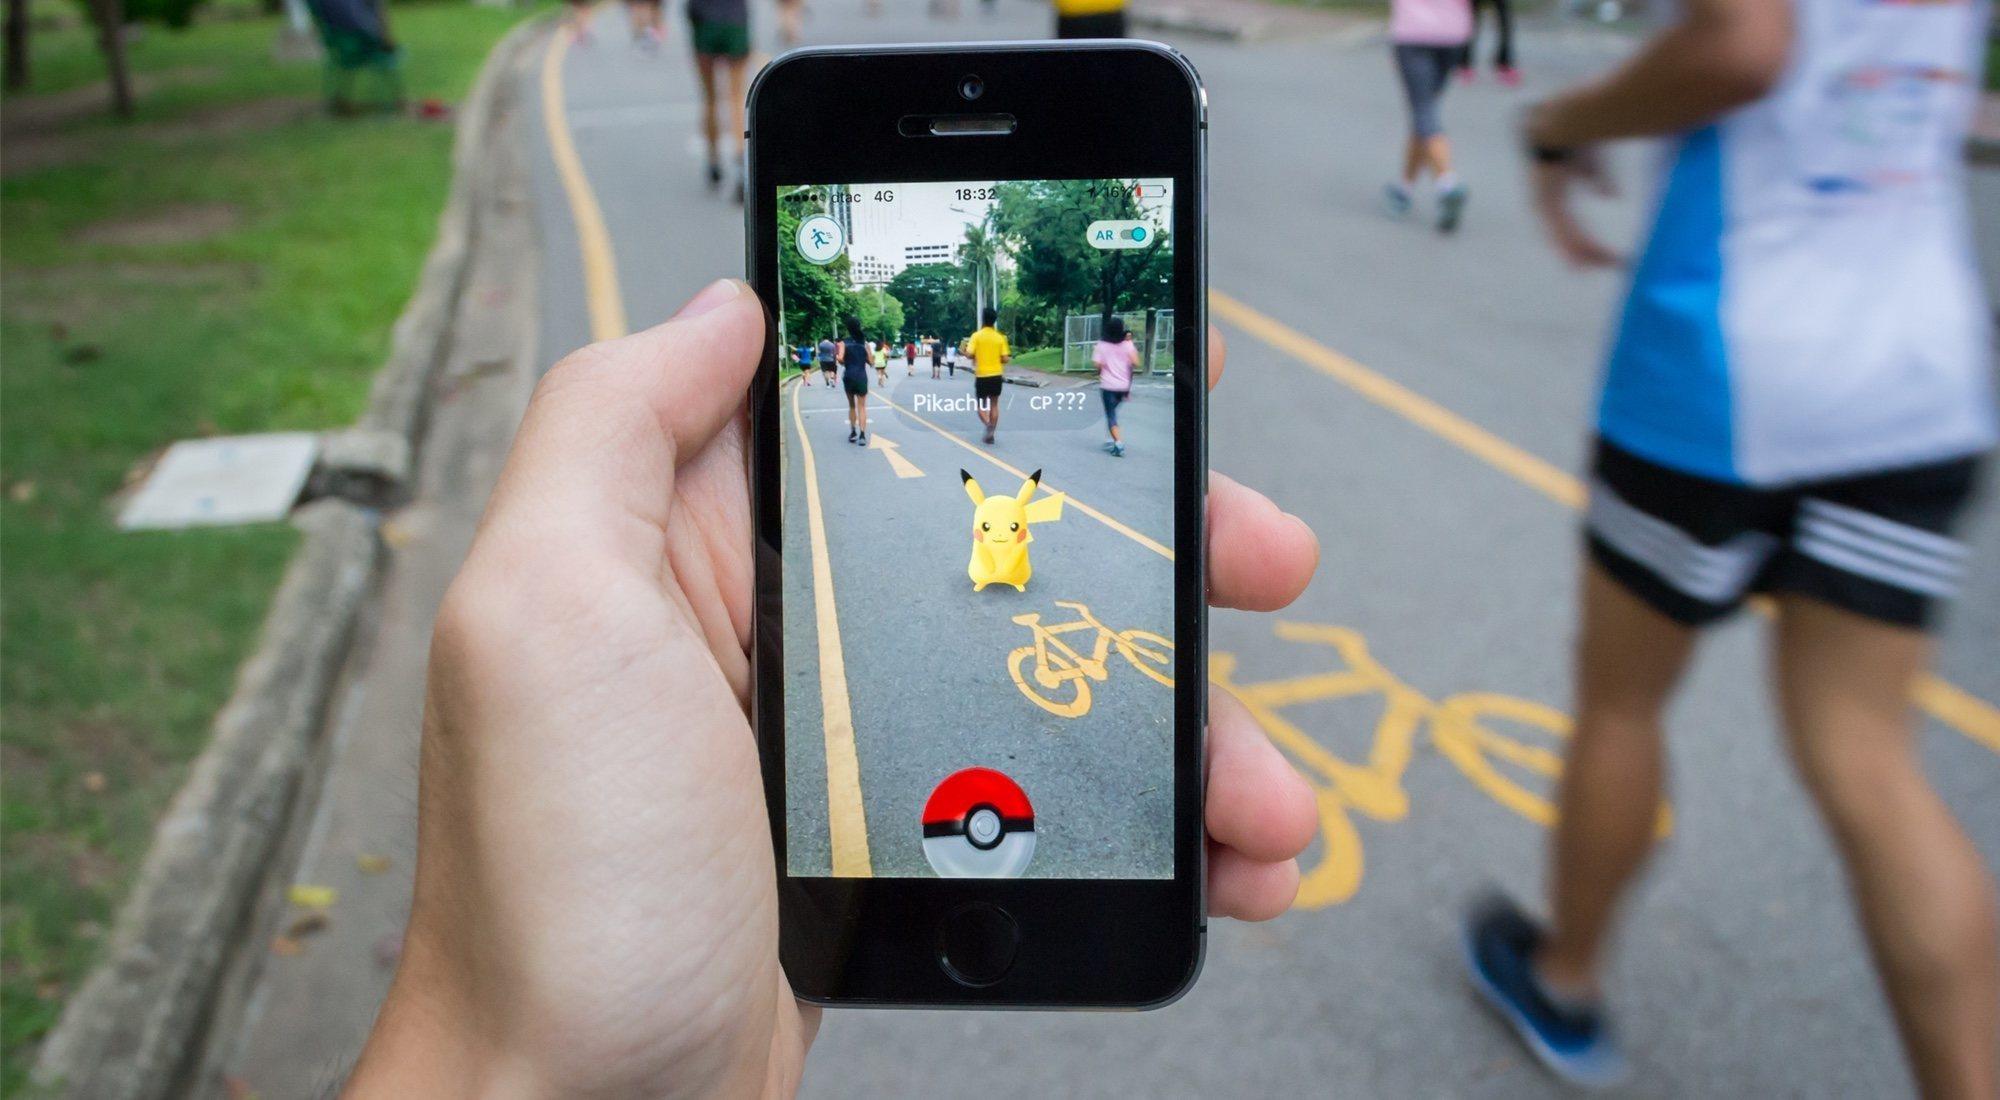 Cómo Pokémon GO cambió la forma de jugar en móviles para siempre